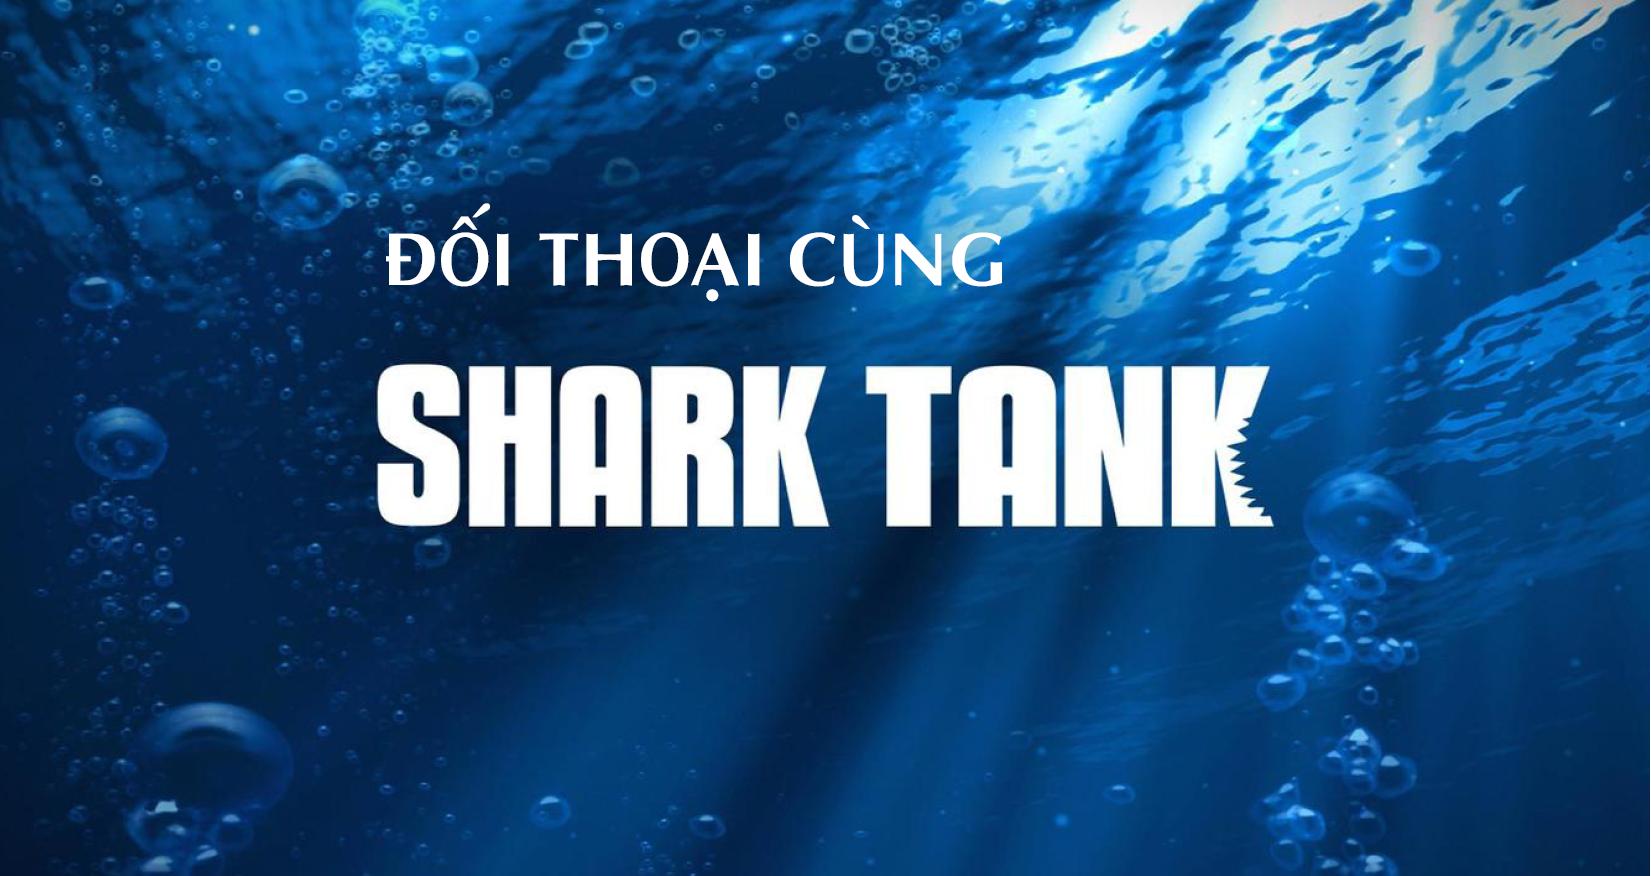 Đối thoại cùng SharkTank